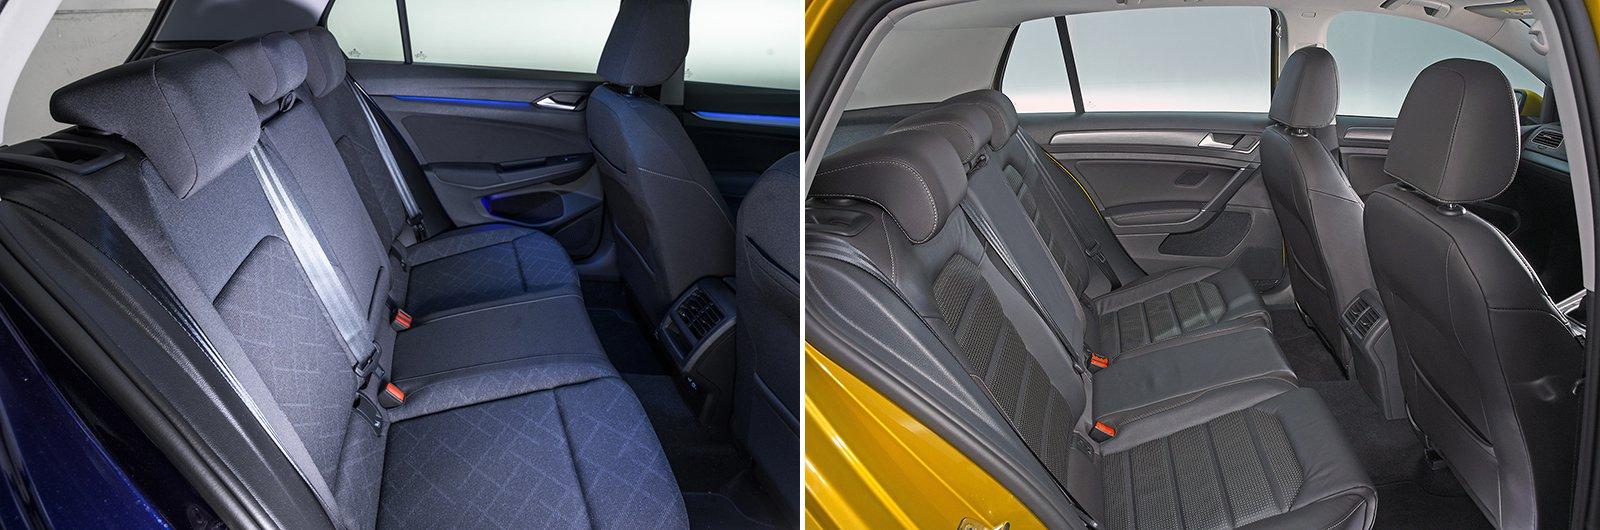 New Volkswagen Golf vs used Volkswagen Golf - rear seat space